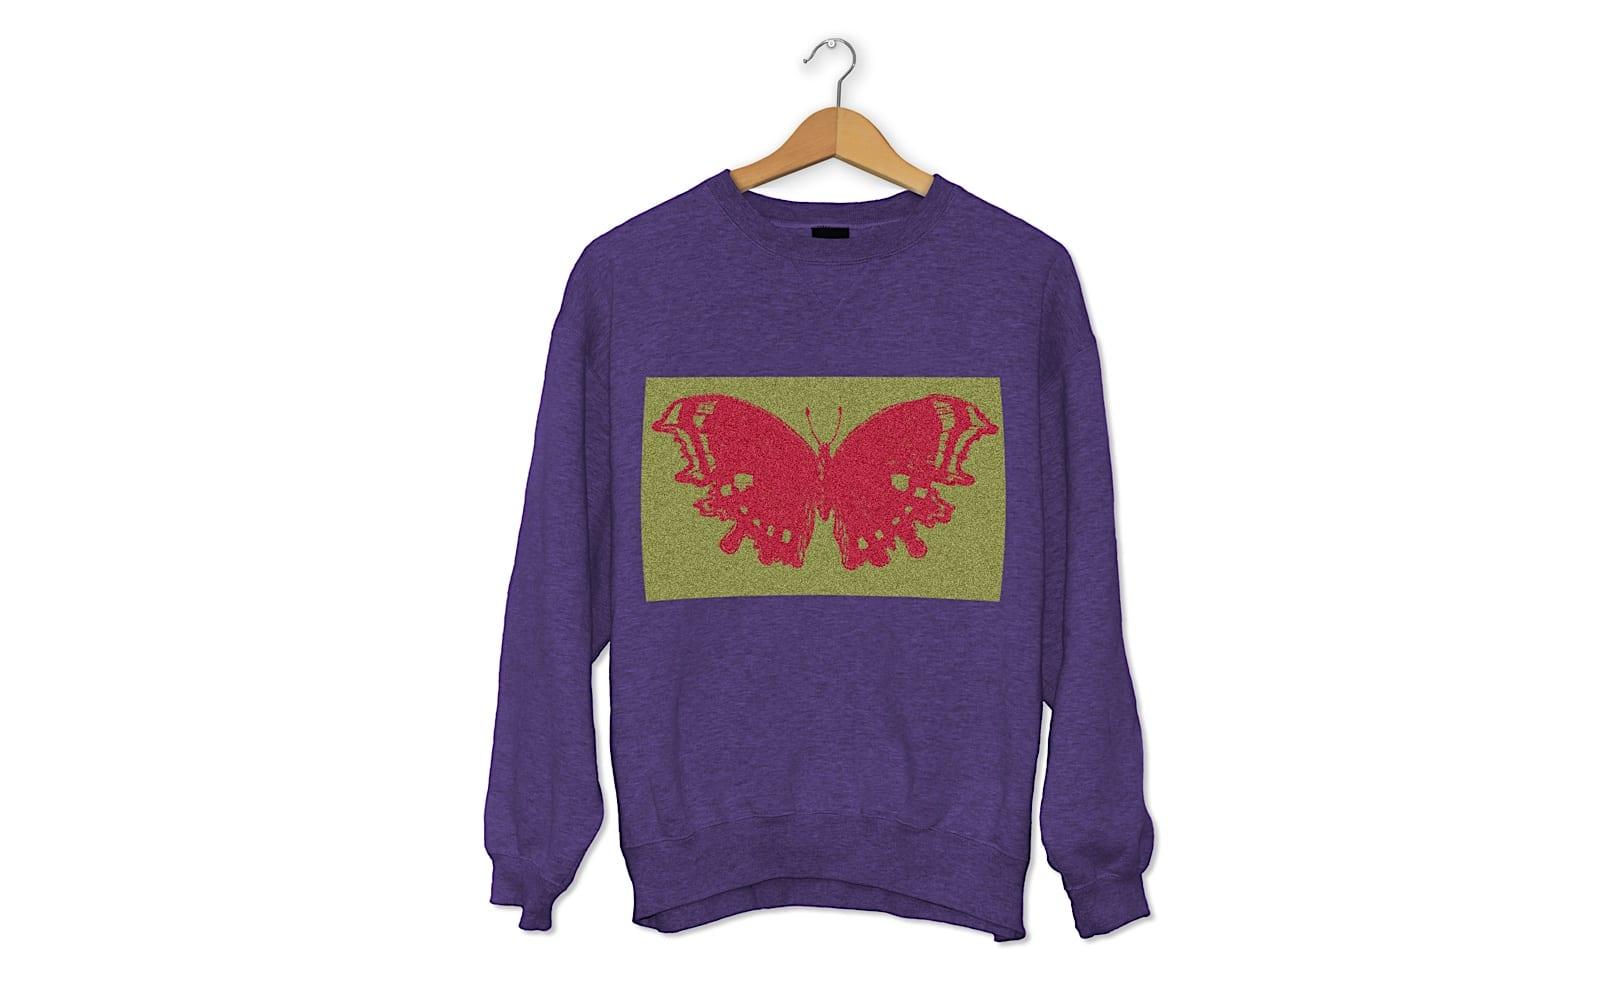 sweatshirt 1000px12